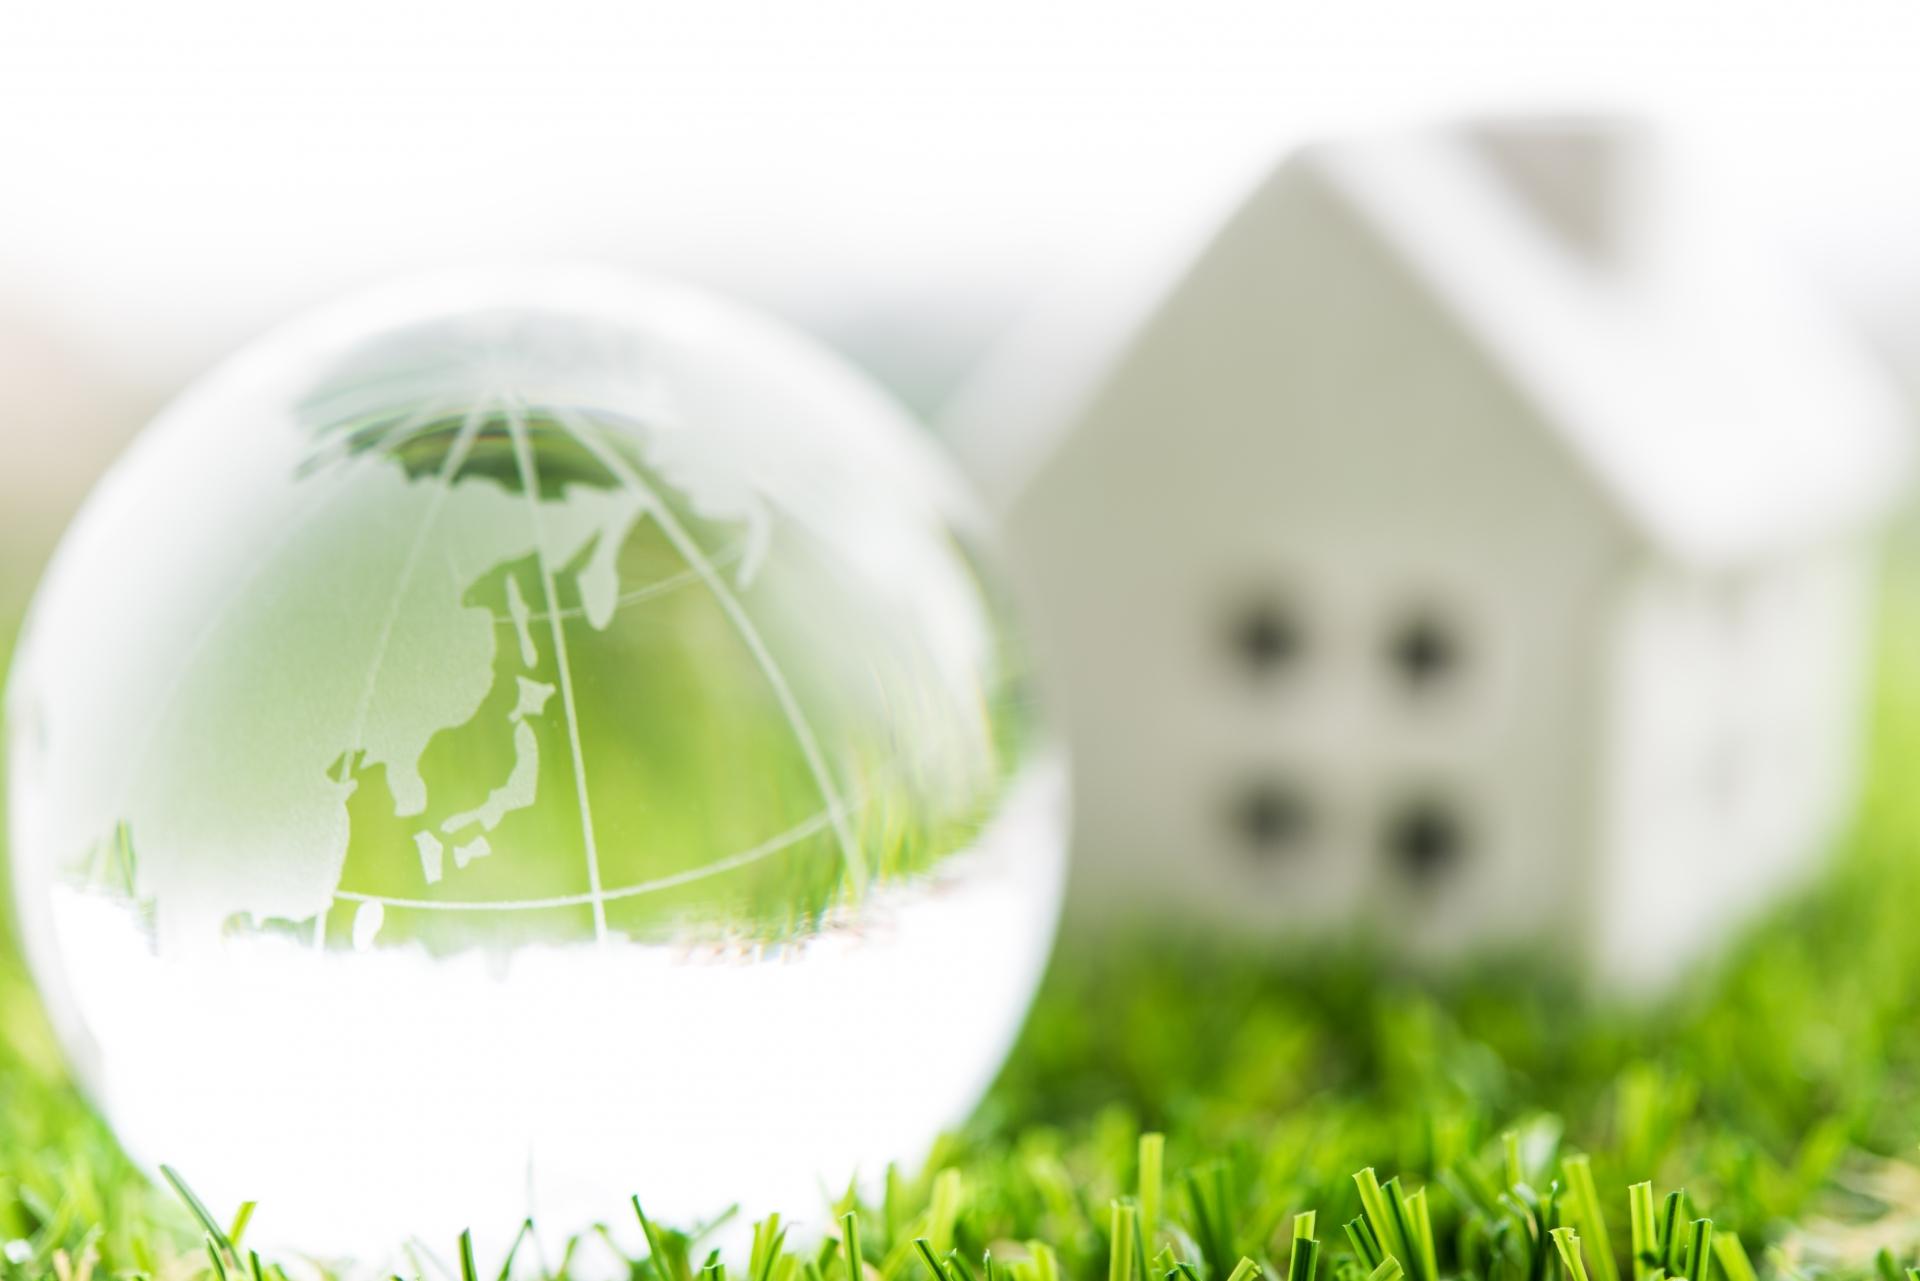 サーキュラーエコノミーを環境保護や節約、エコ、エコロジーの観点から考えてみます。